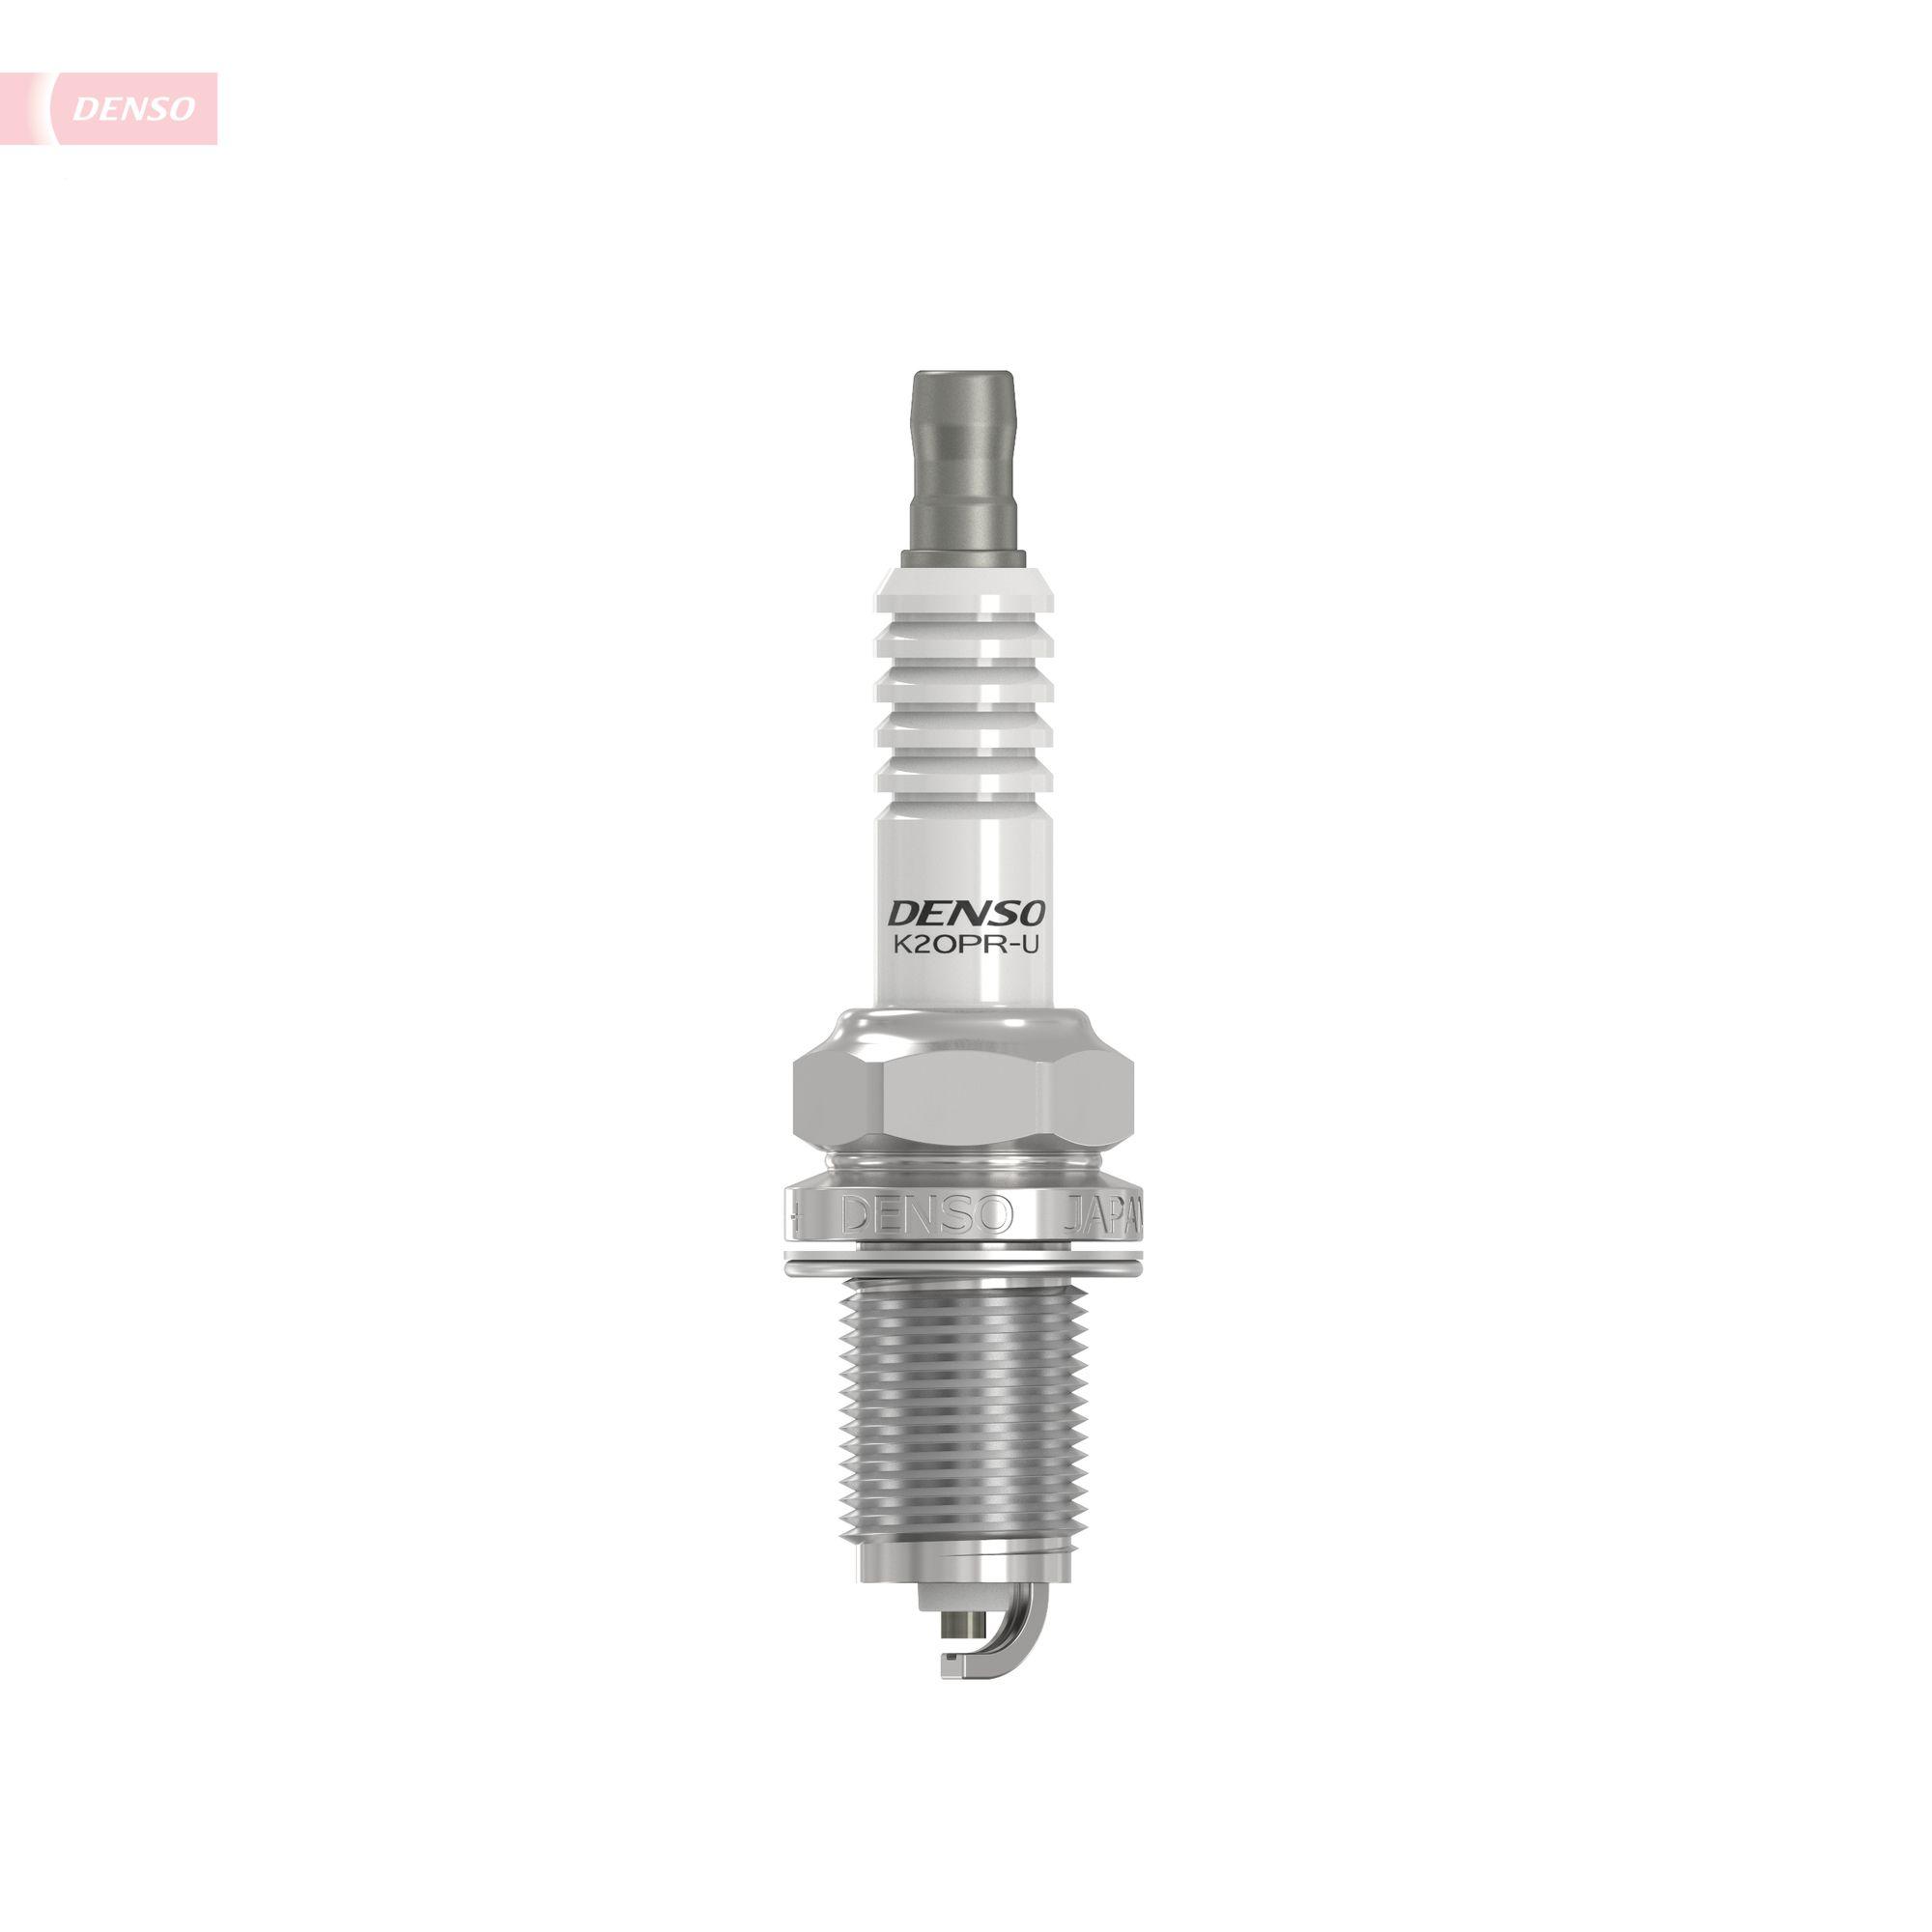 K20PR-U Μπουζί DENSO - Φθηνά επώνυμα προϊόντα